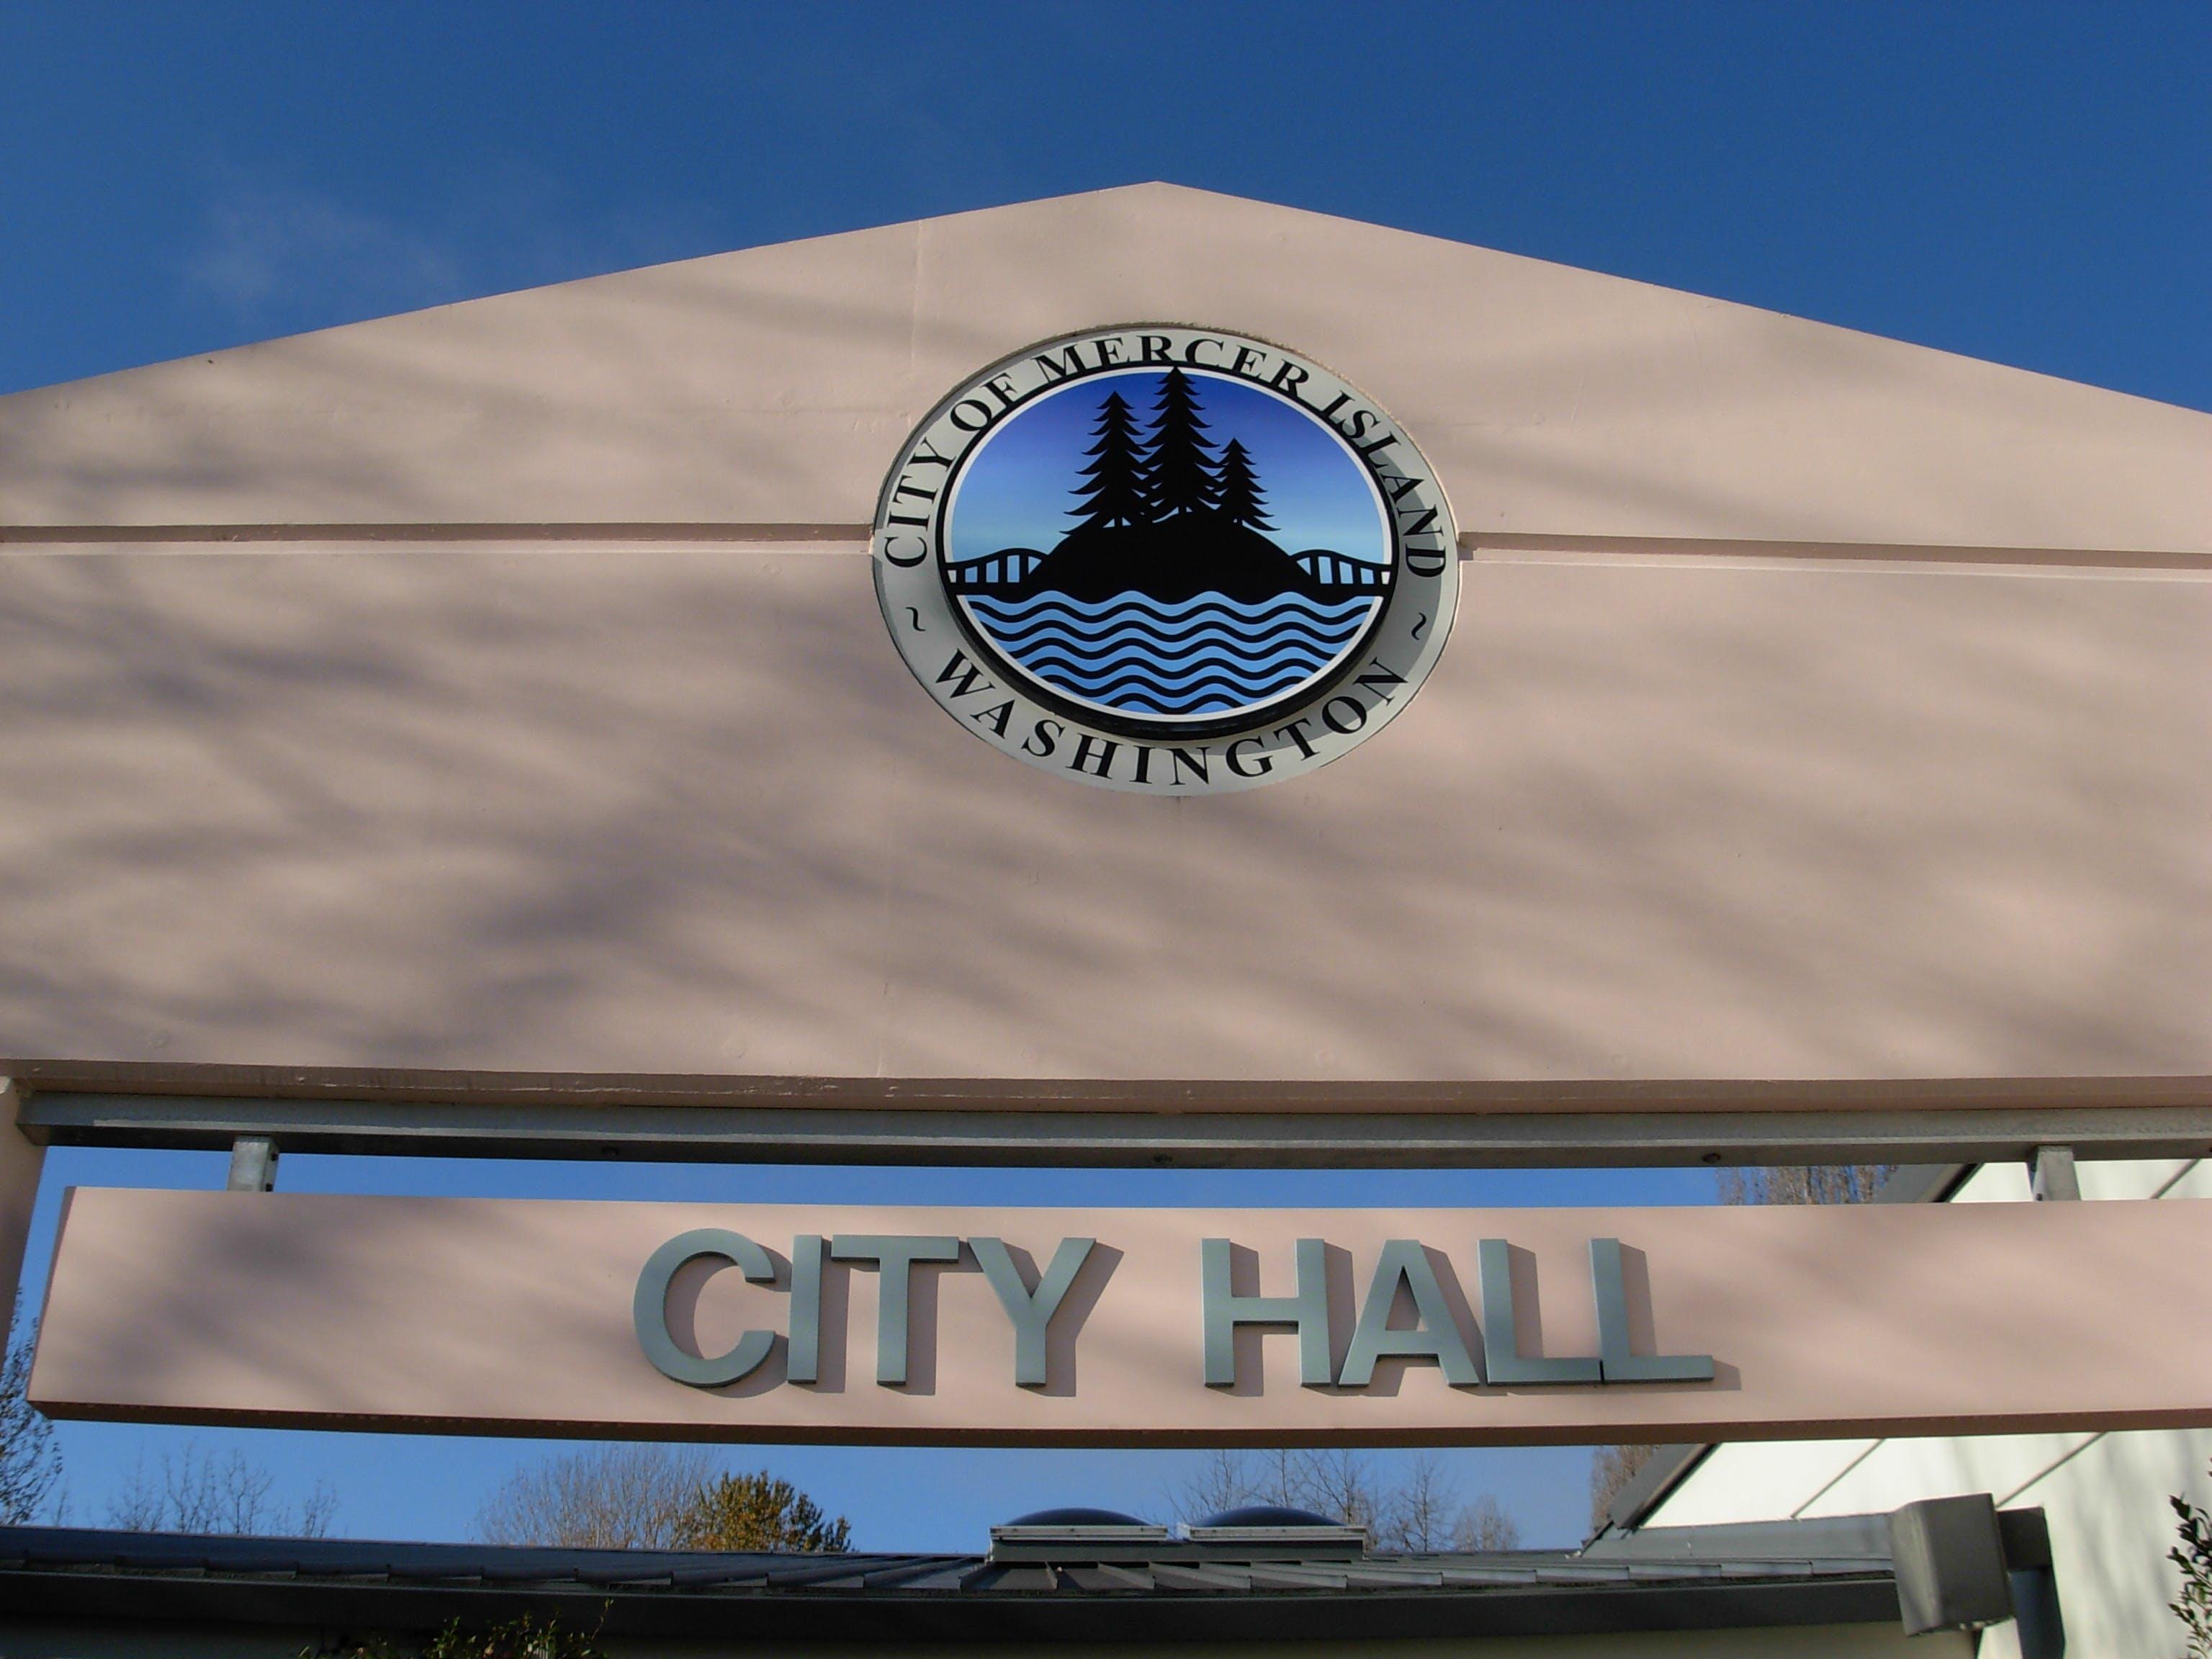 Cityhallfrontcloseup 2009